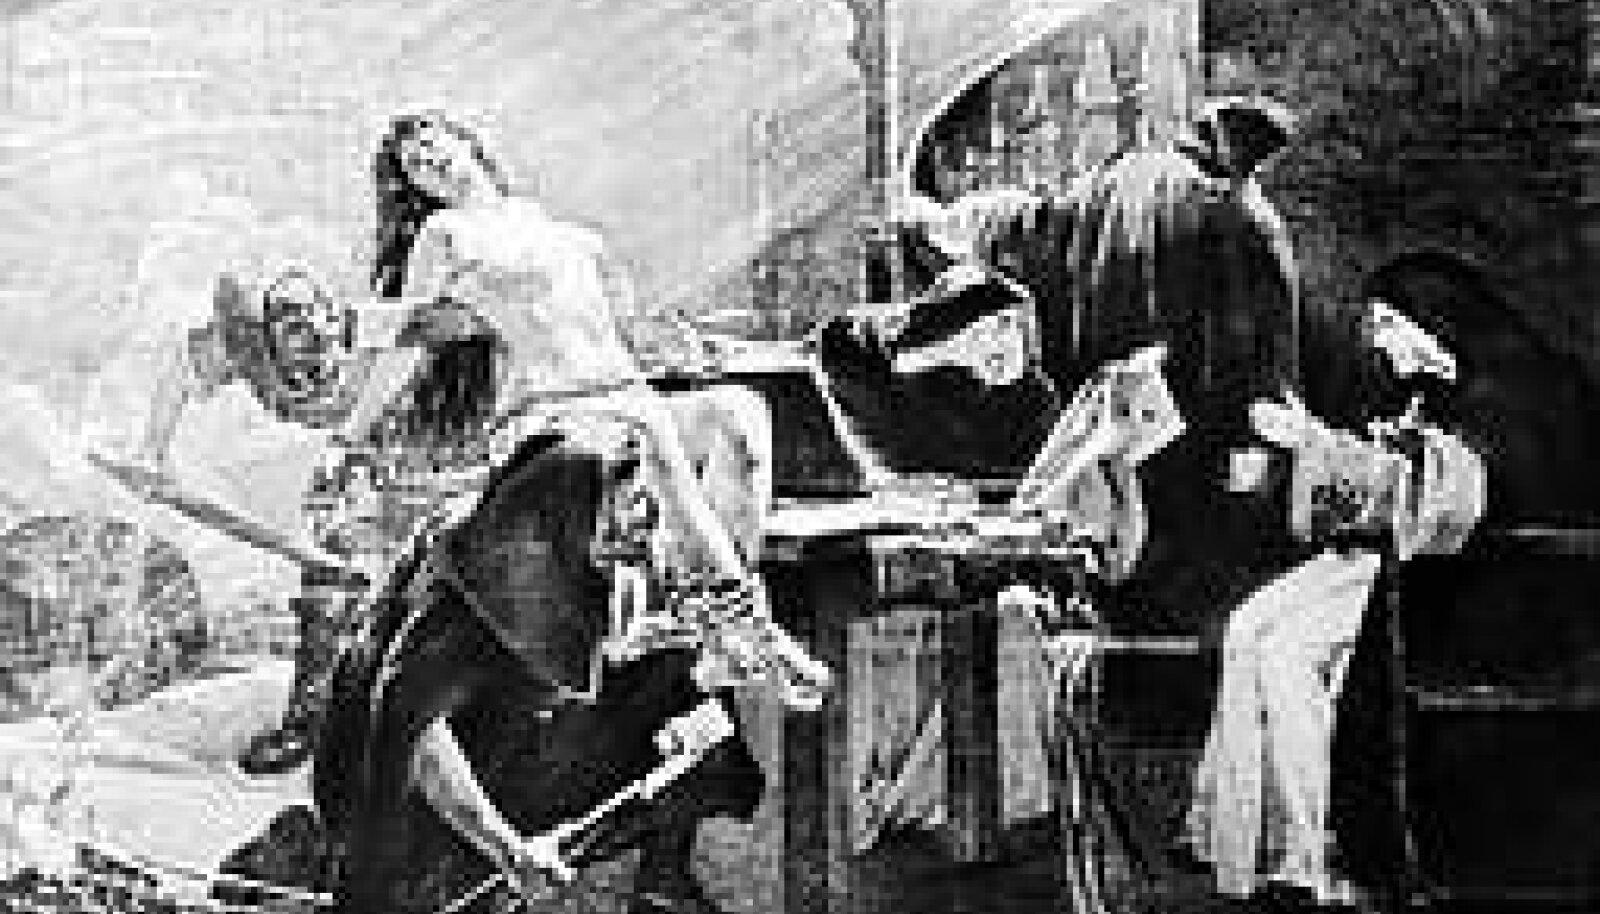 """Uue aja fantaasiad: Pilt meenutab stseeni Victor Hugo romaanist """"Jumalaema kirik Pariisis"""", kus piinatakse mustlastüdruk Esmeraldat. Keskaegne tegelikkus oli vähem erootiline ja igavam. © Bettmann/CORBIS"""